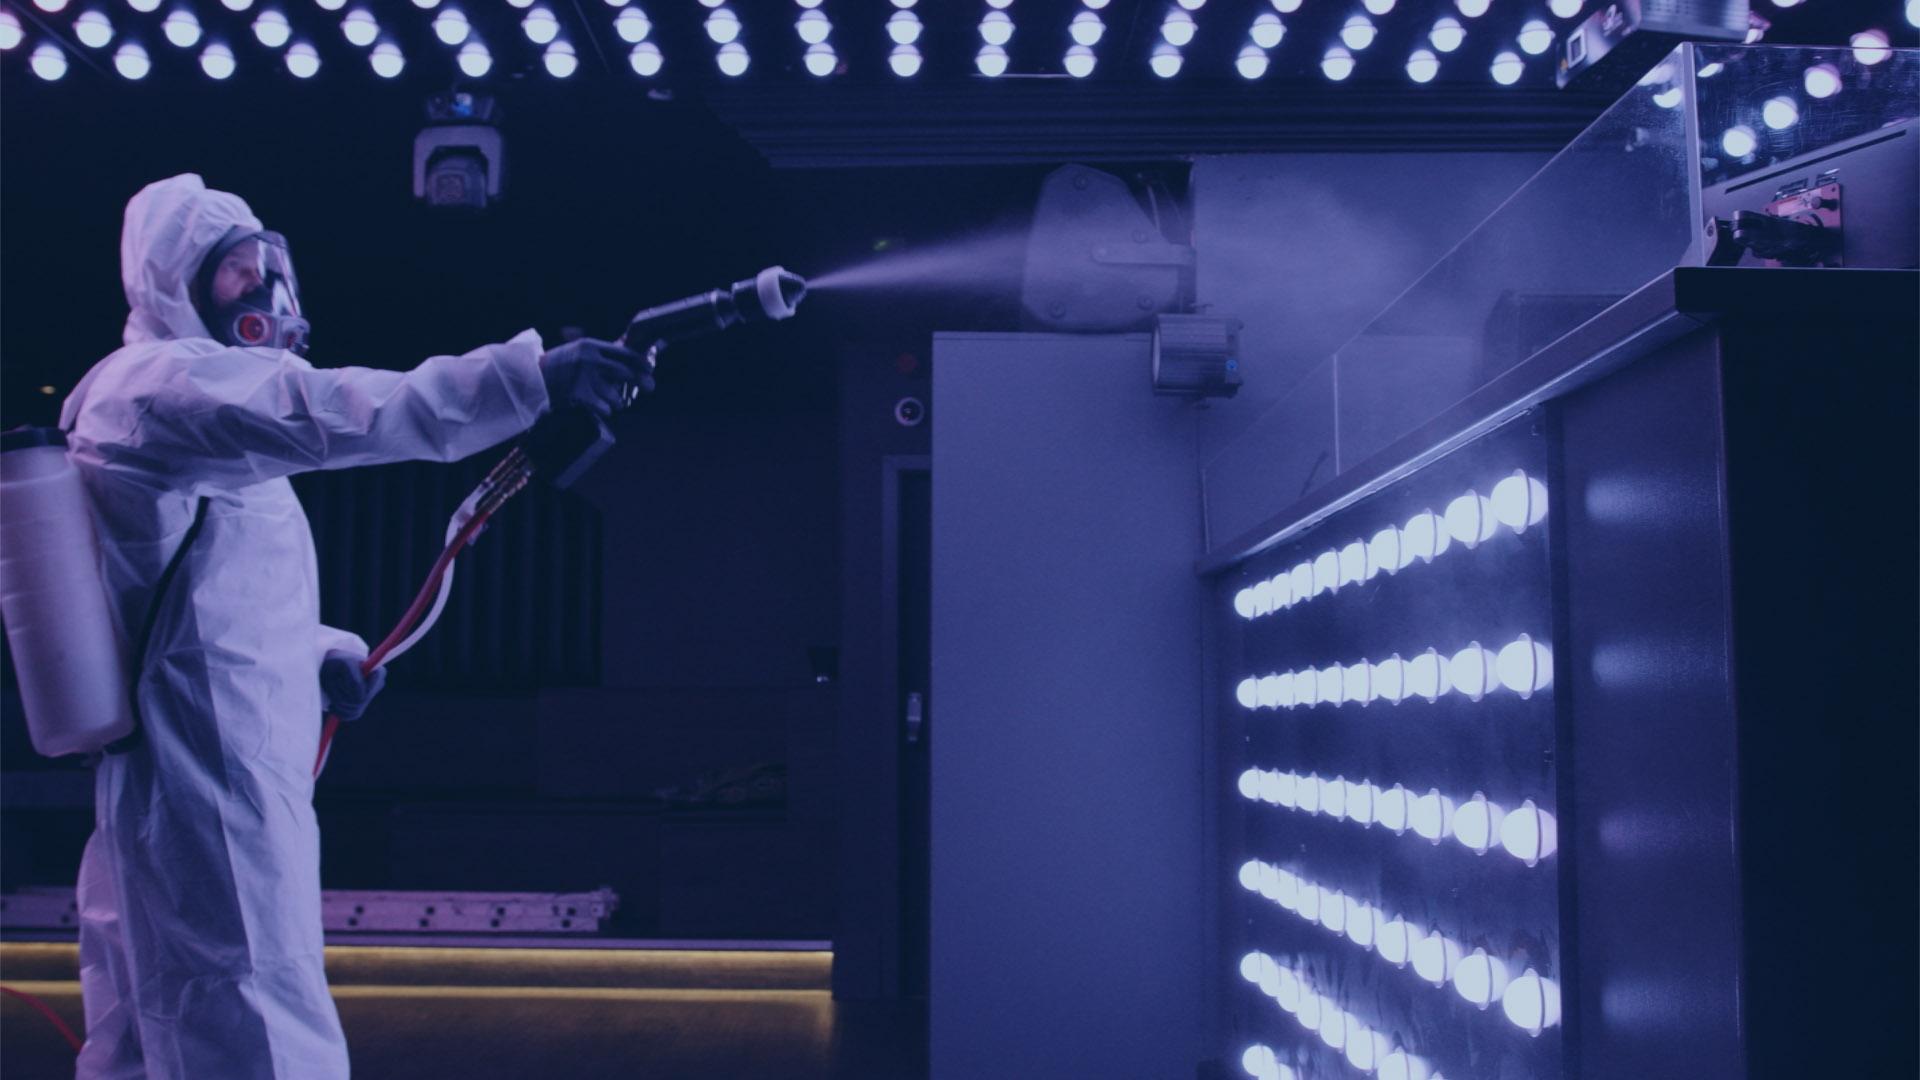 Man in hazmat suit spraying a night club wall